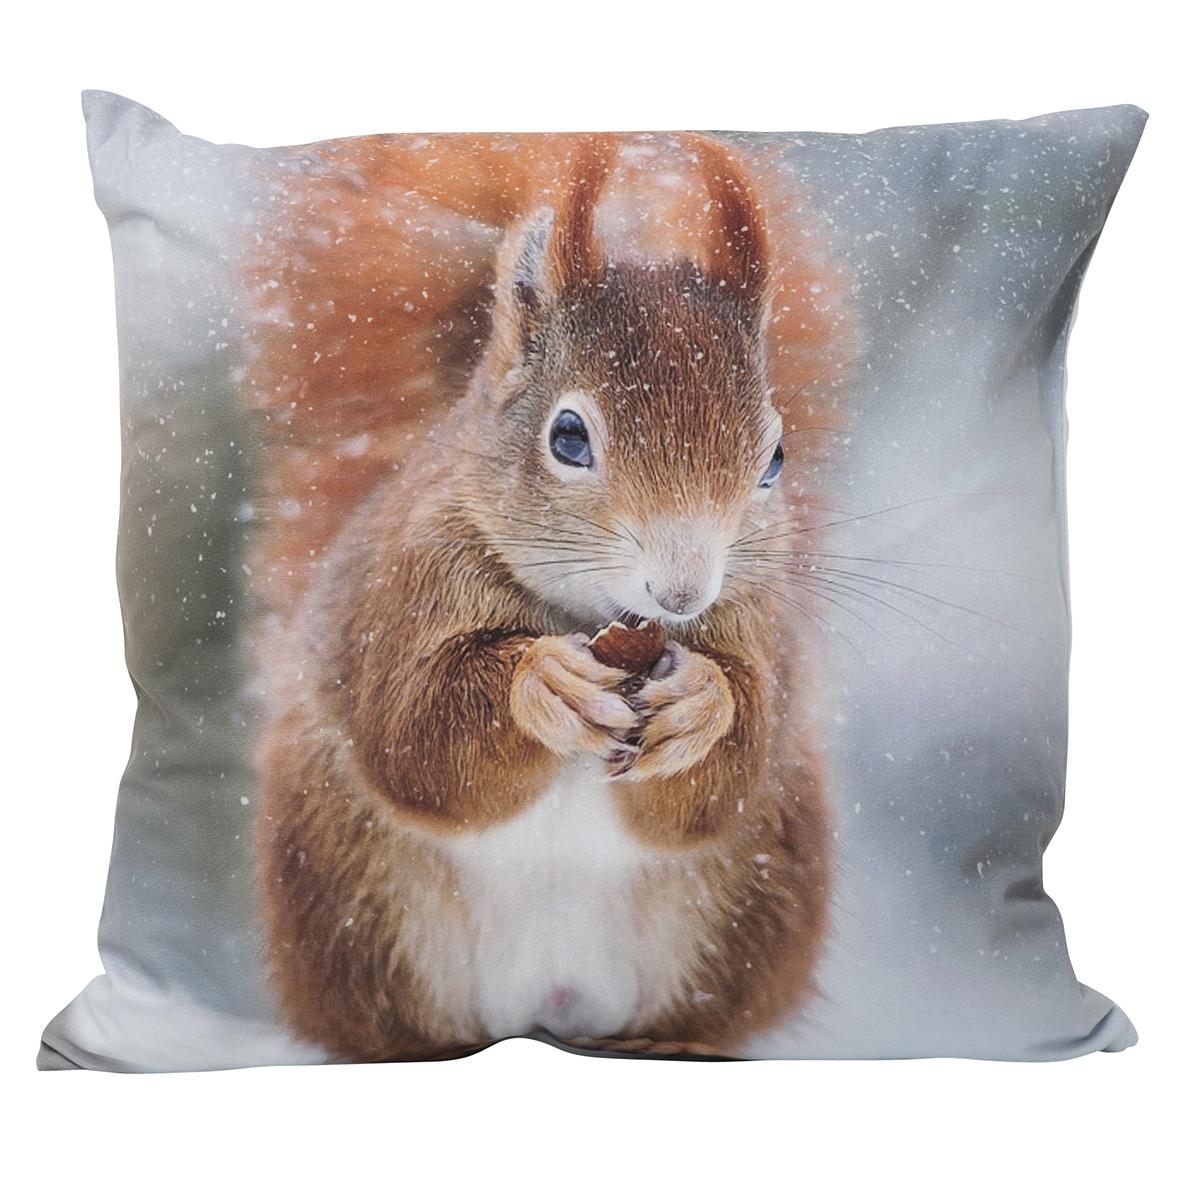 Sisustustyynyliina orava 45 x 45